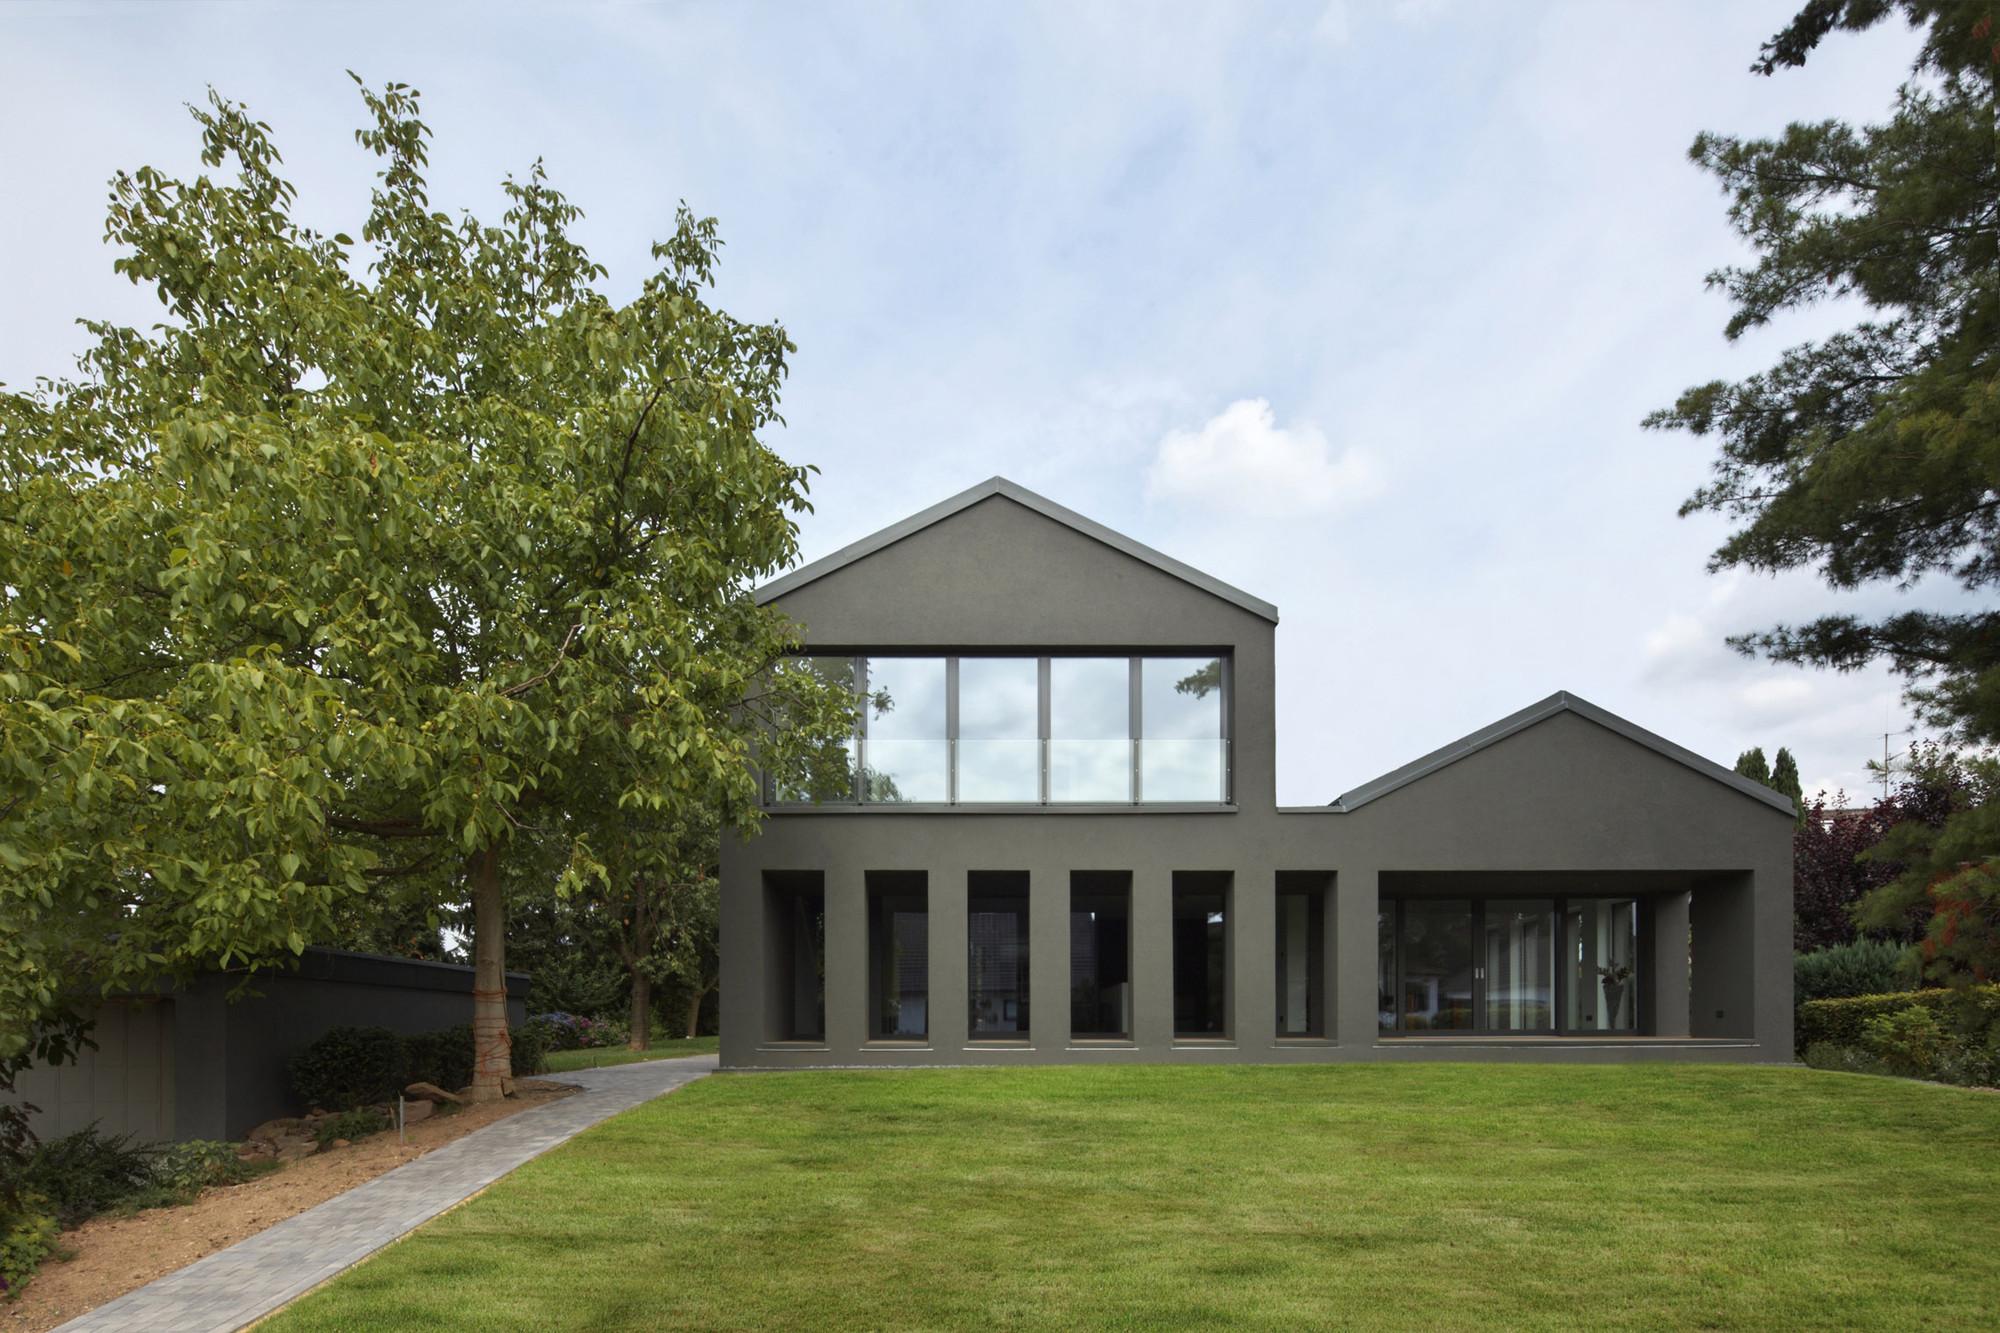 House SLM / Archequipe, © Roland Unterbusch